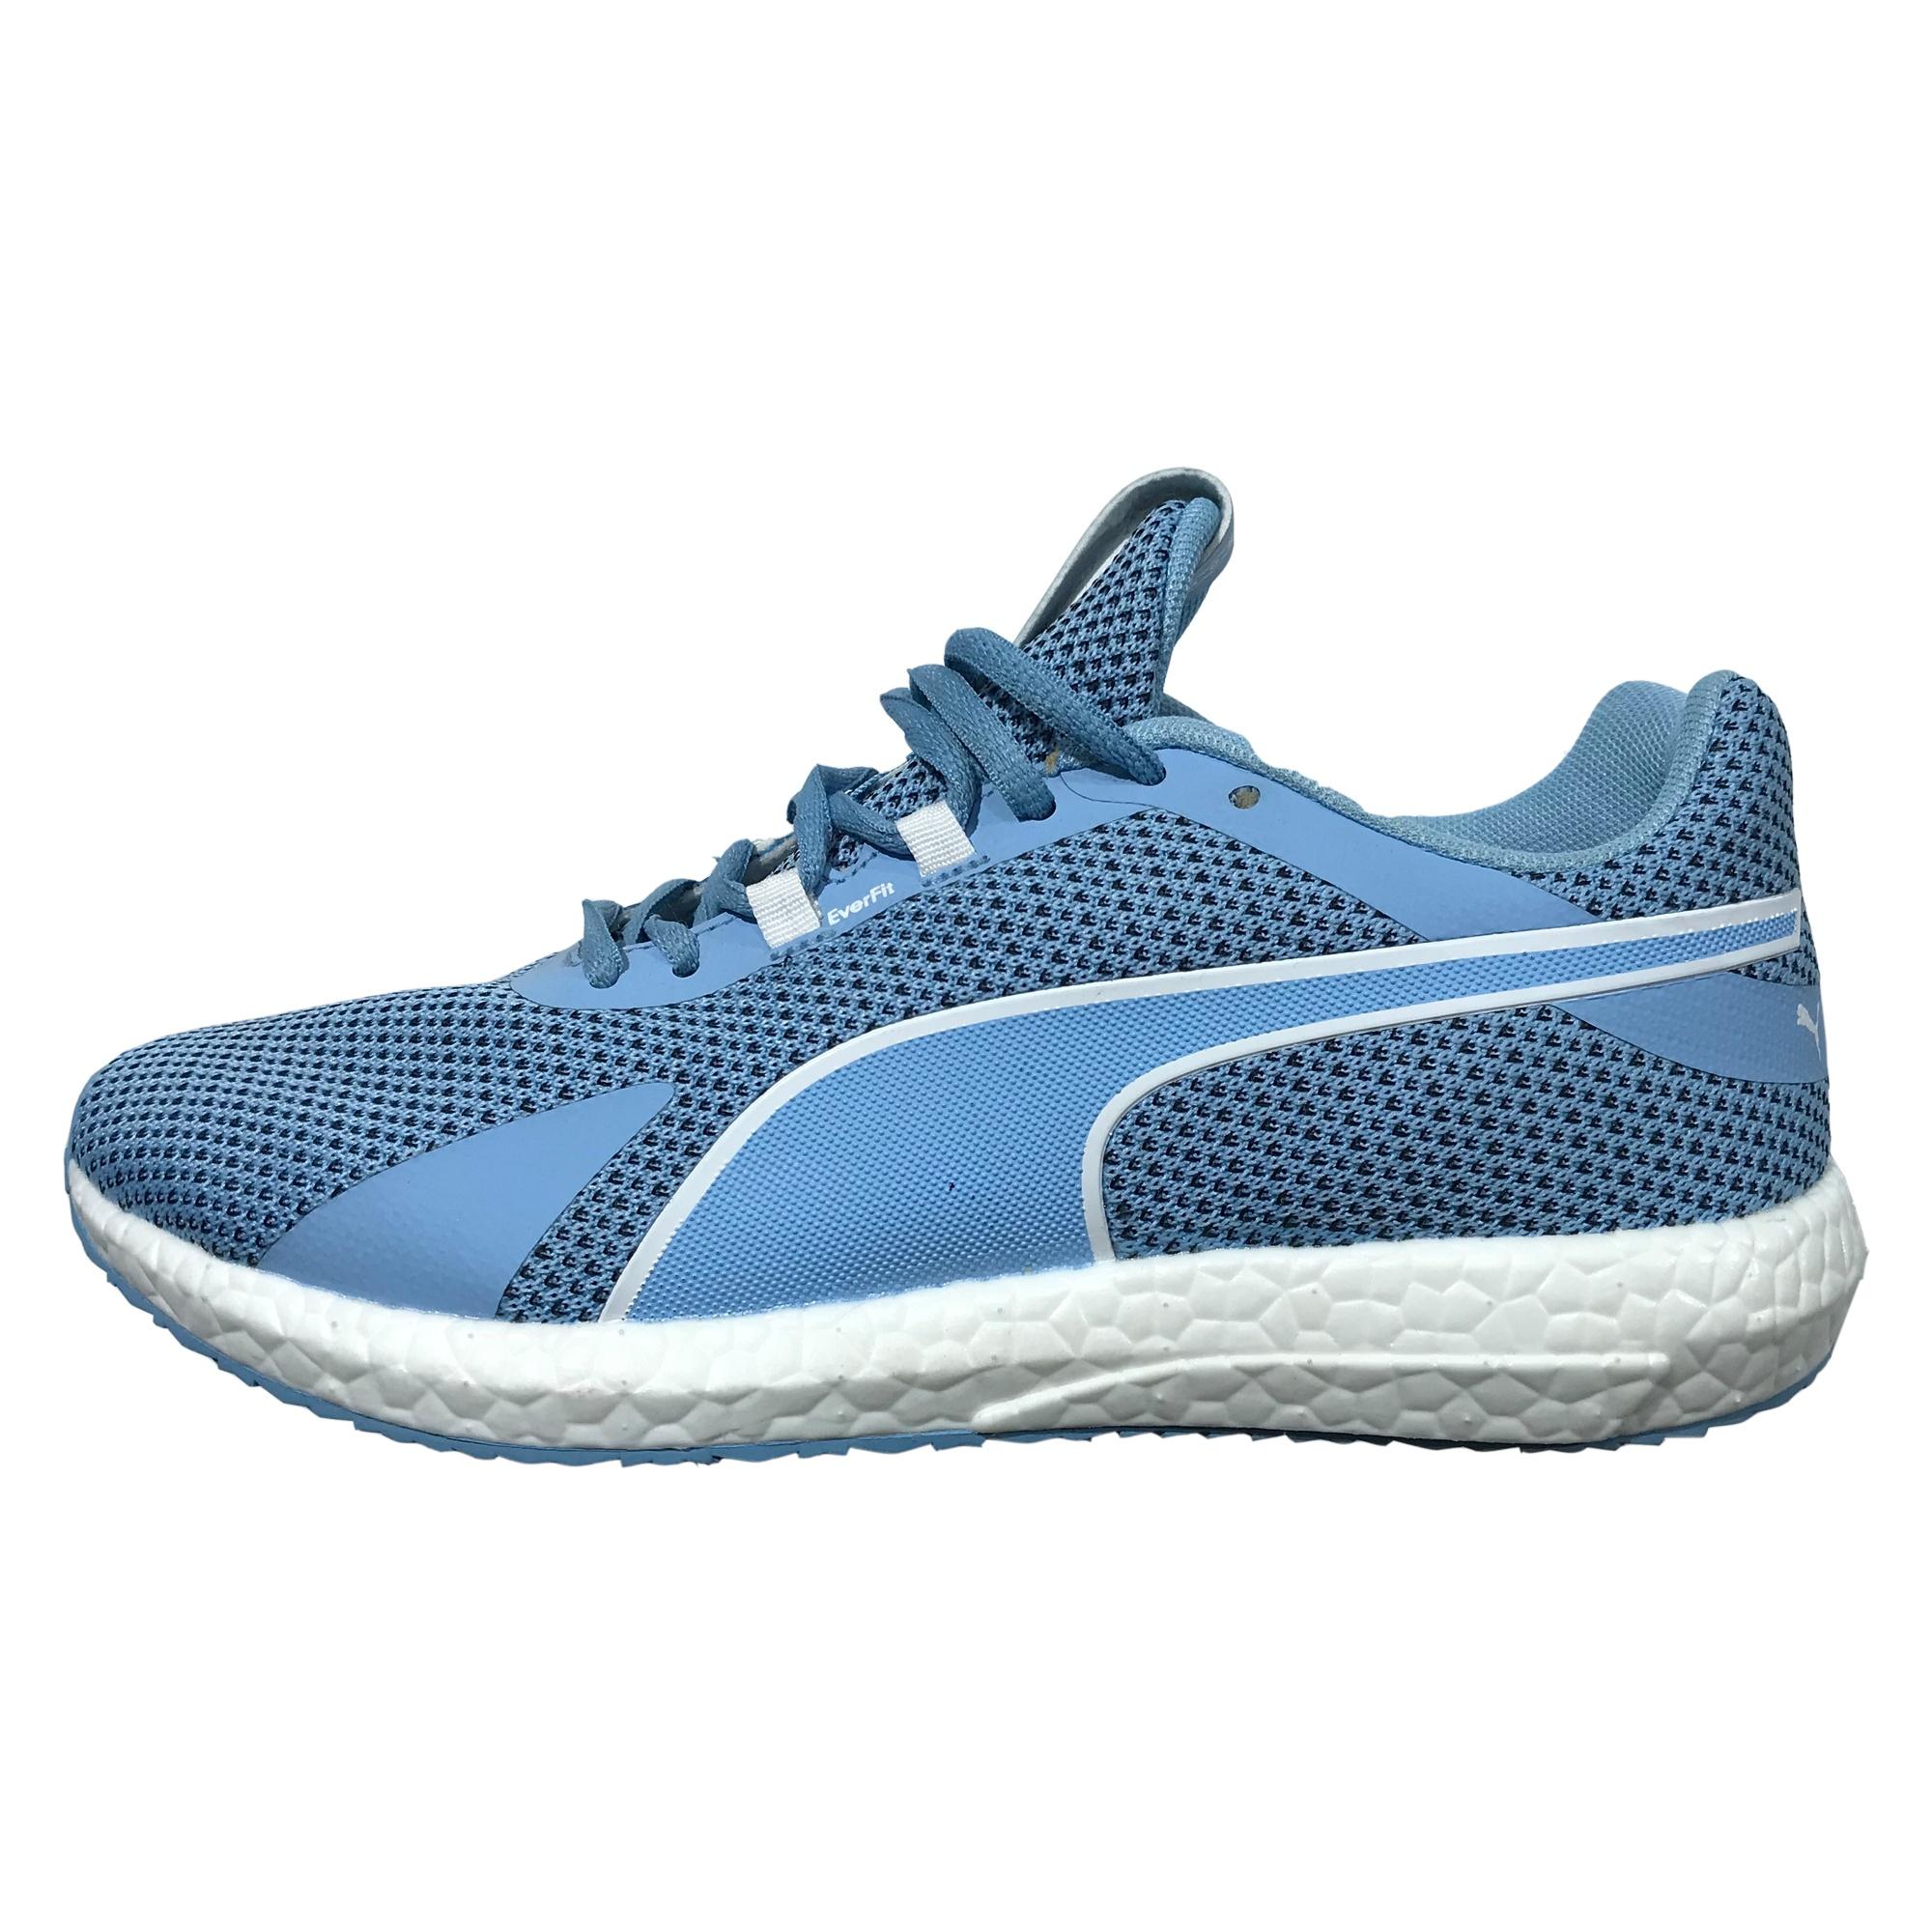 کفش مخصوص پیاده روی زنانه مدل Mega Nrgy کد 023